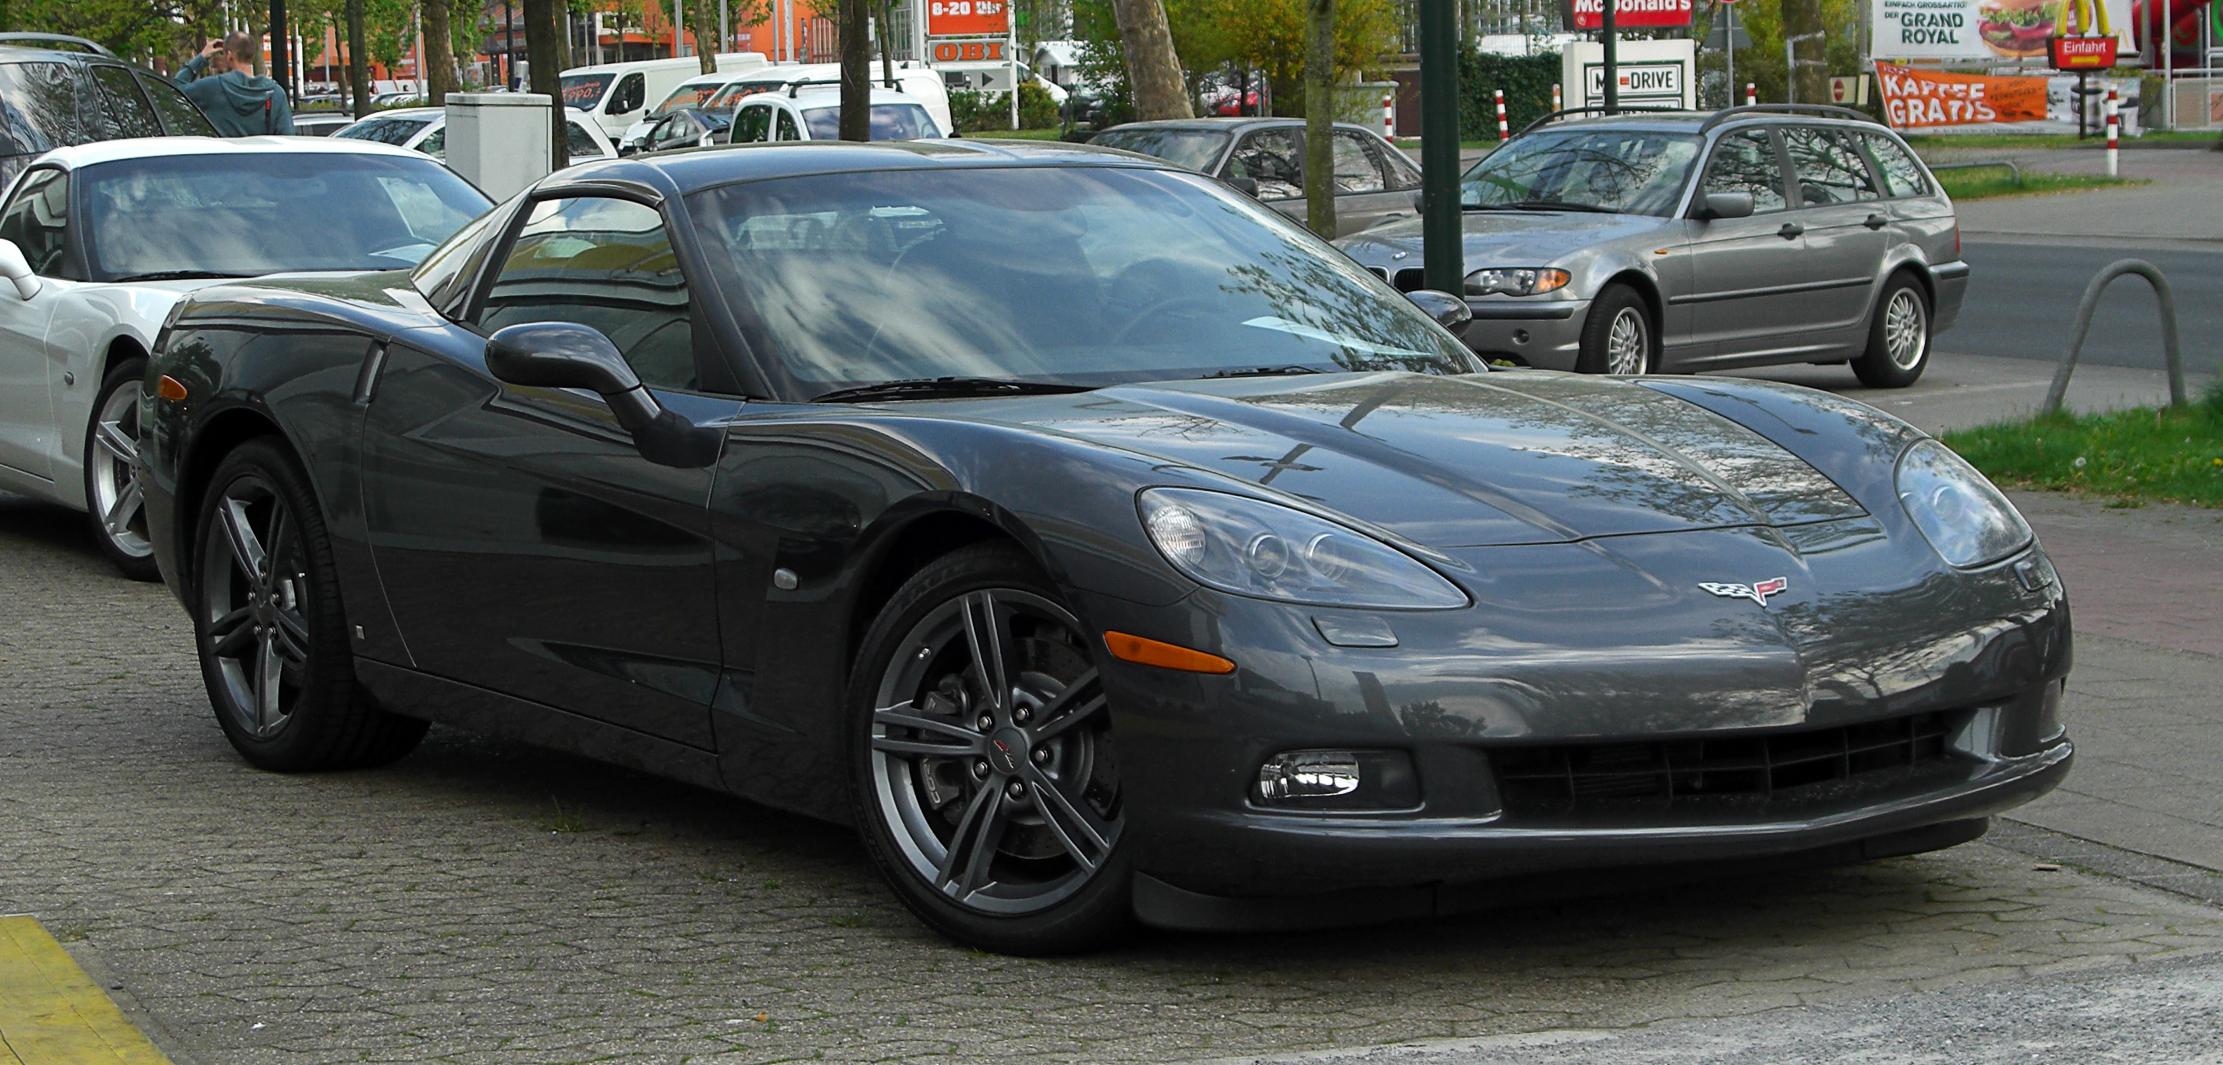 file:chevrolet corvette coupé luxury performance edition (c6